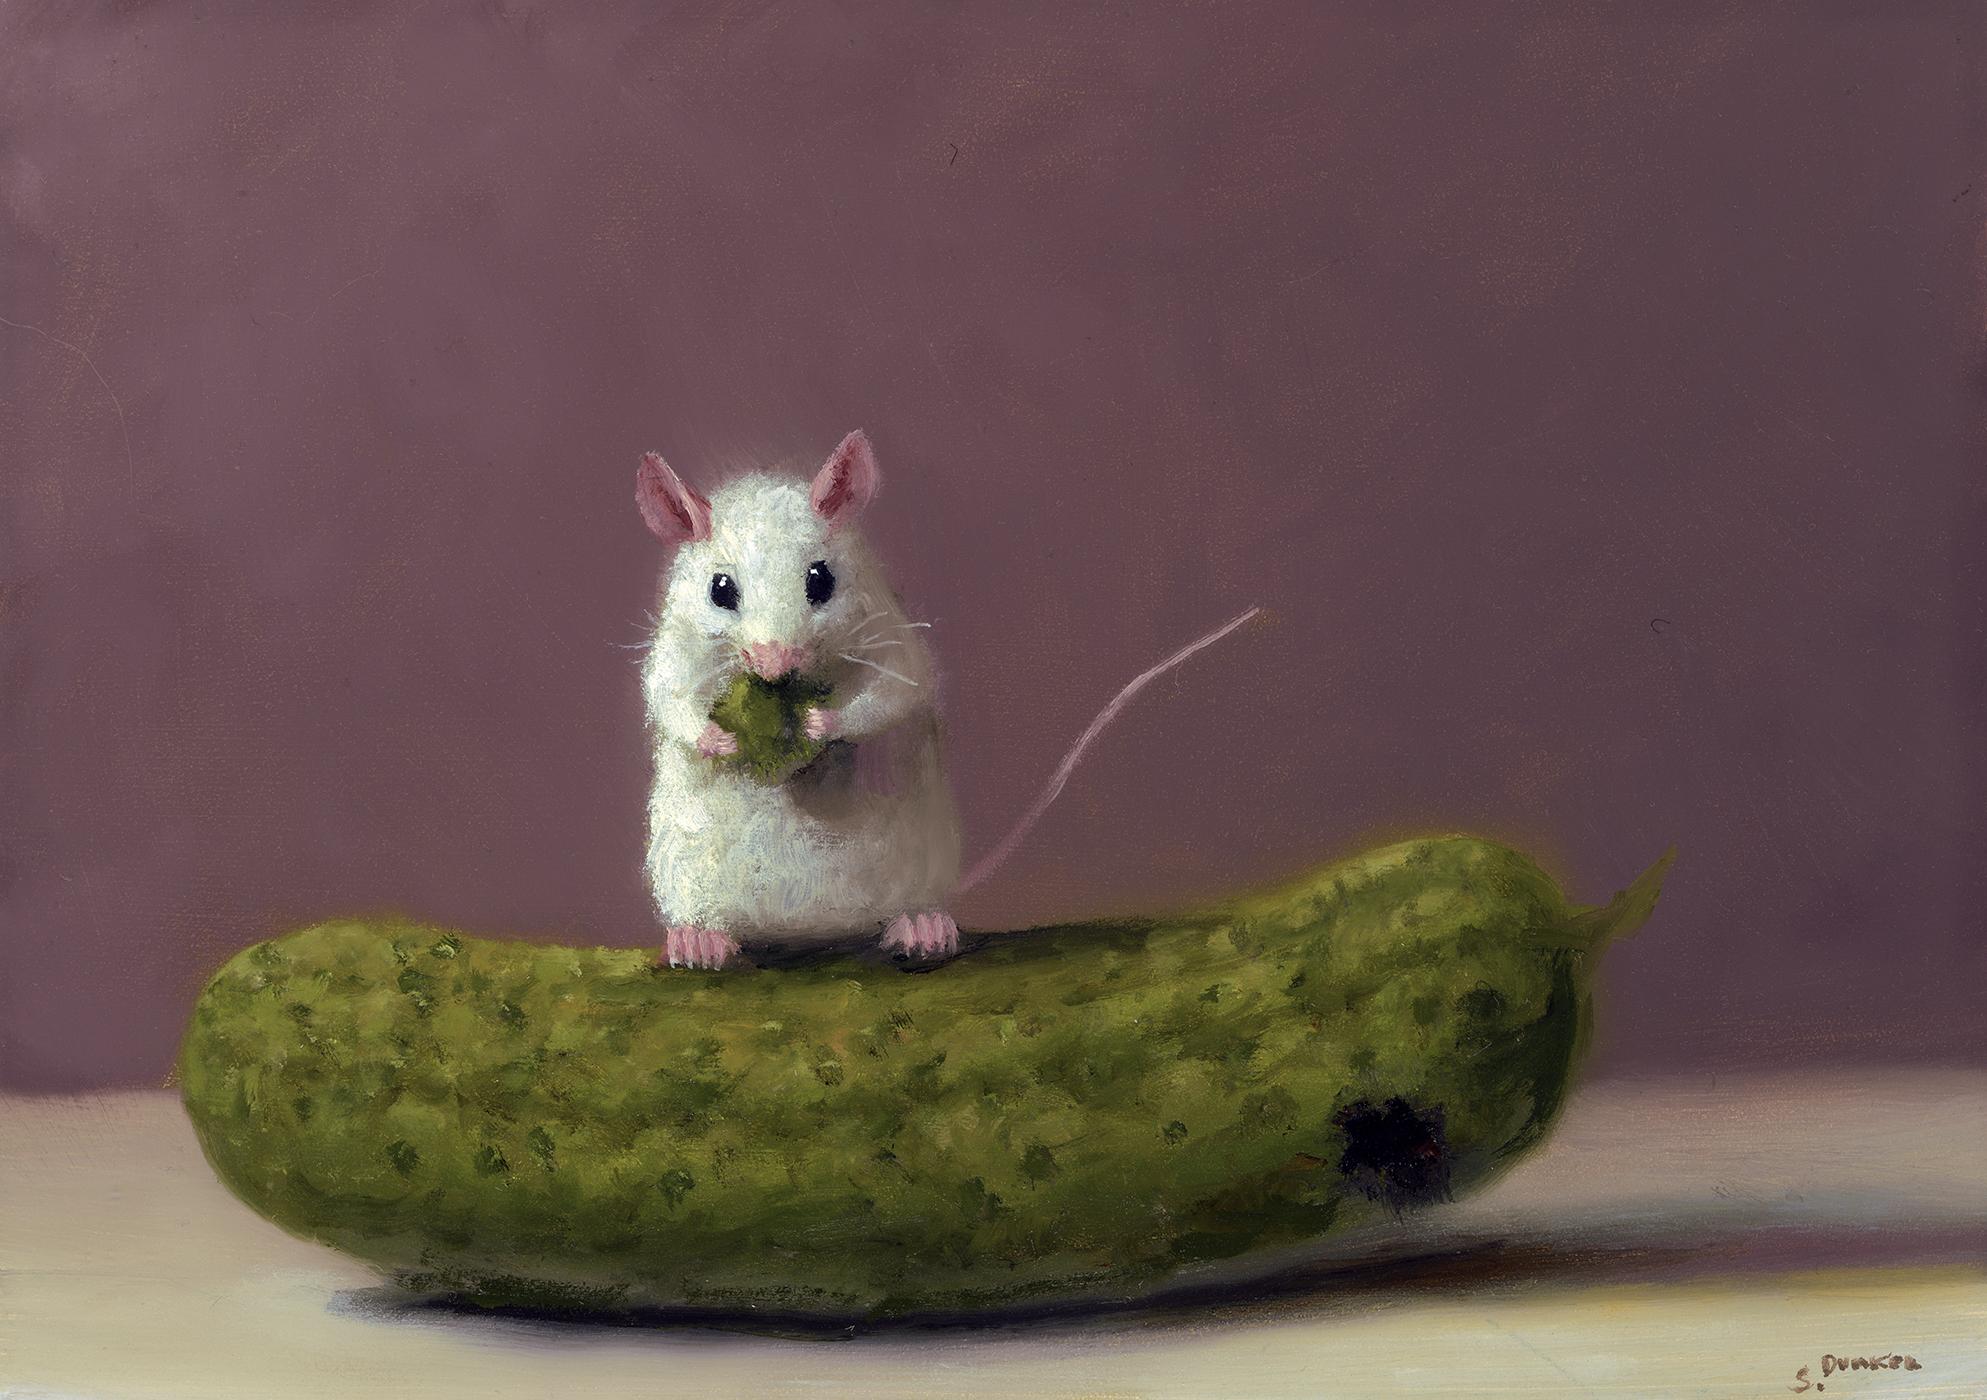 stuart_dunkel_sd1589_pickle_snack.jpg